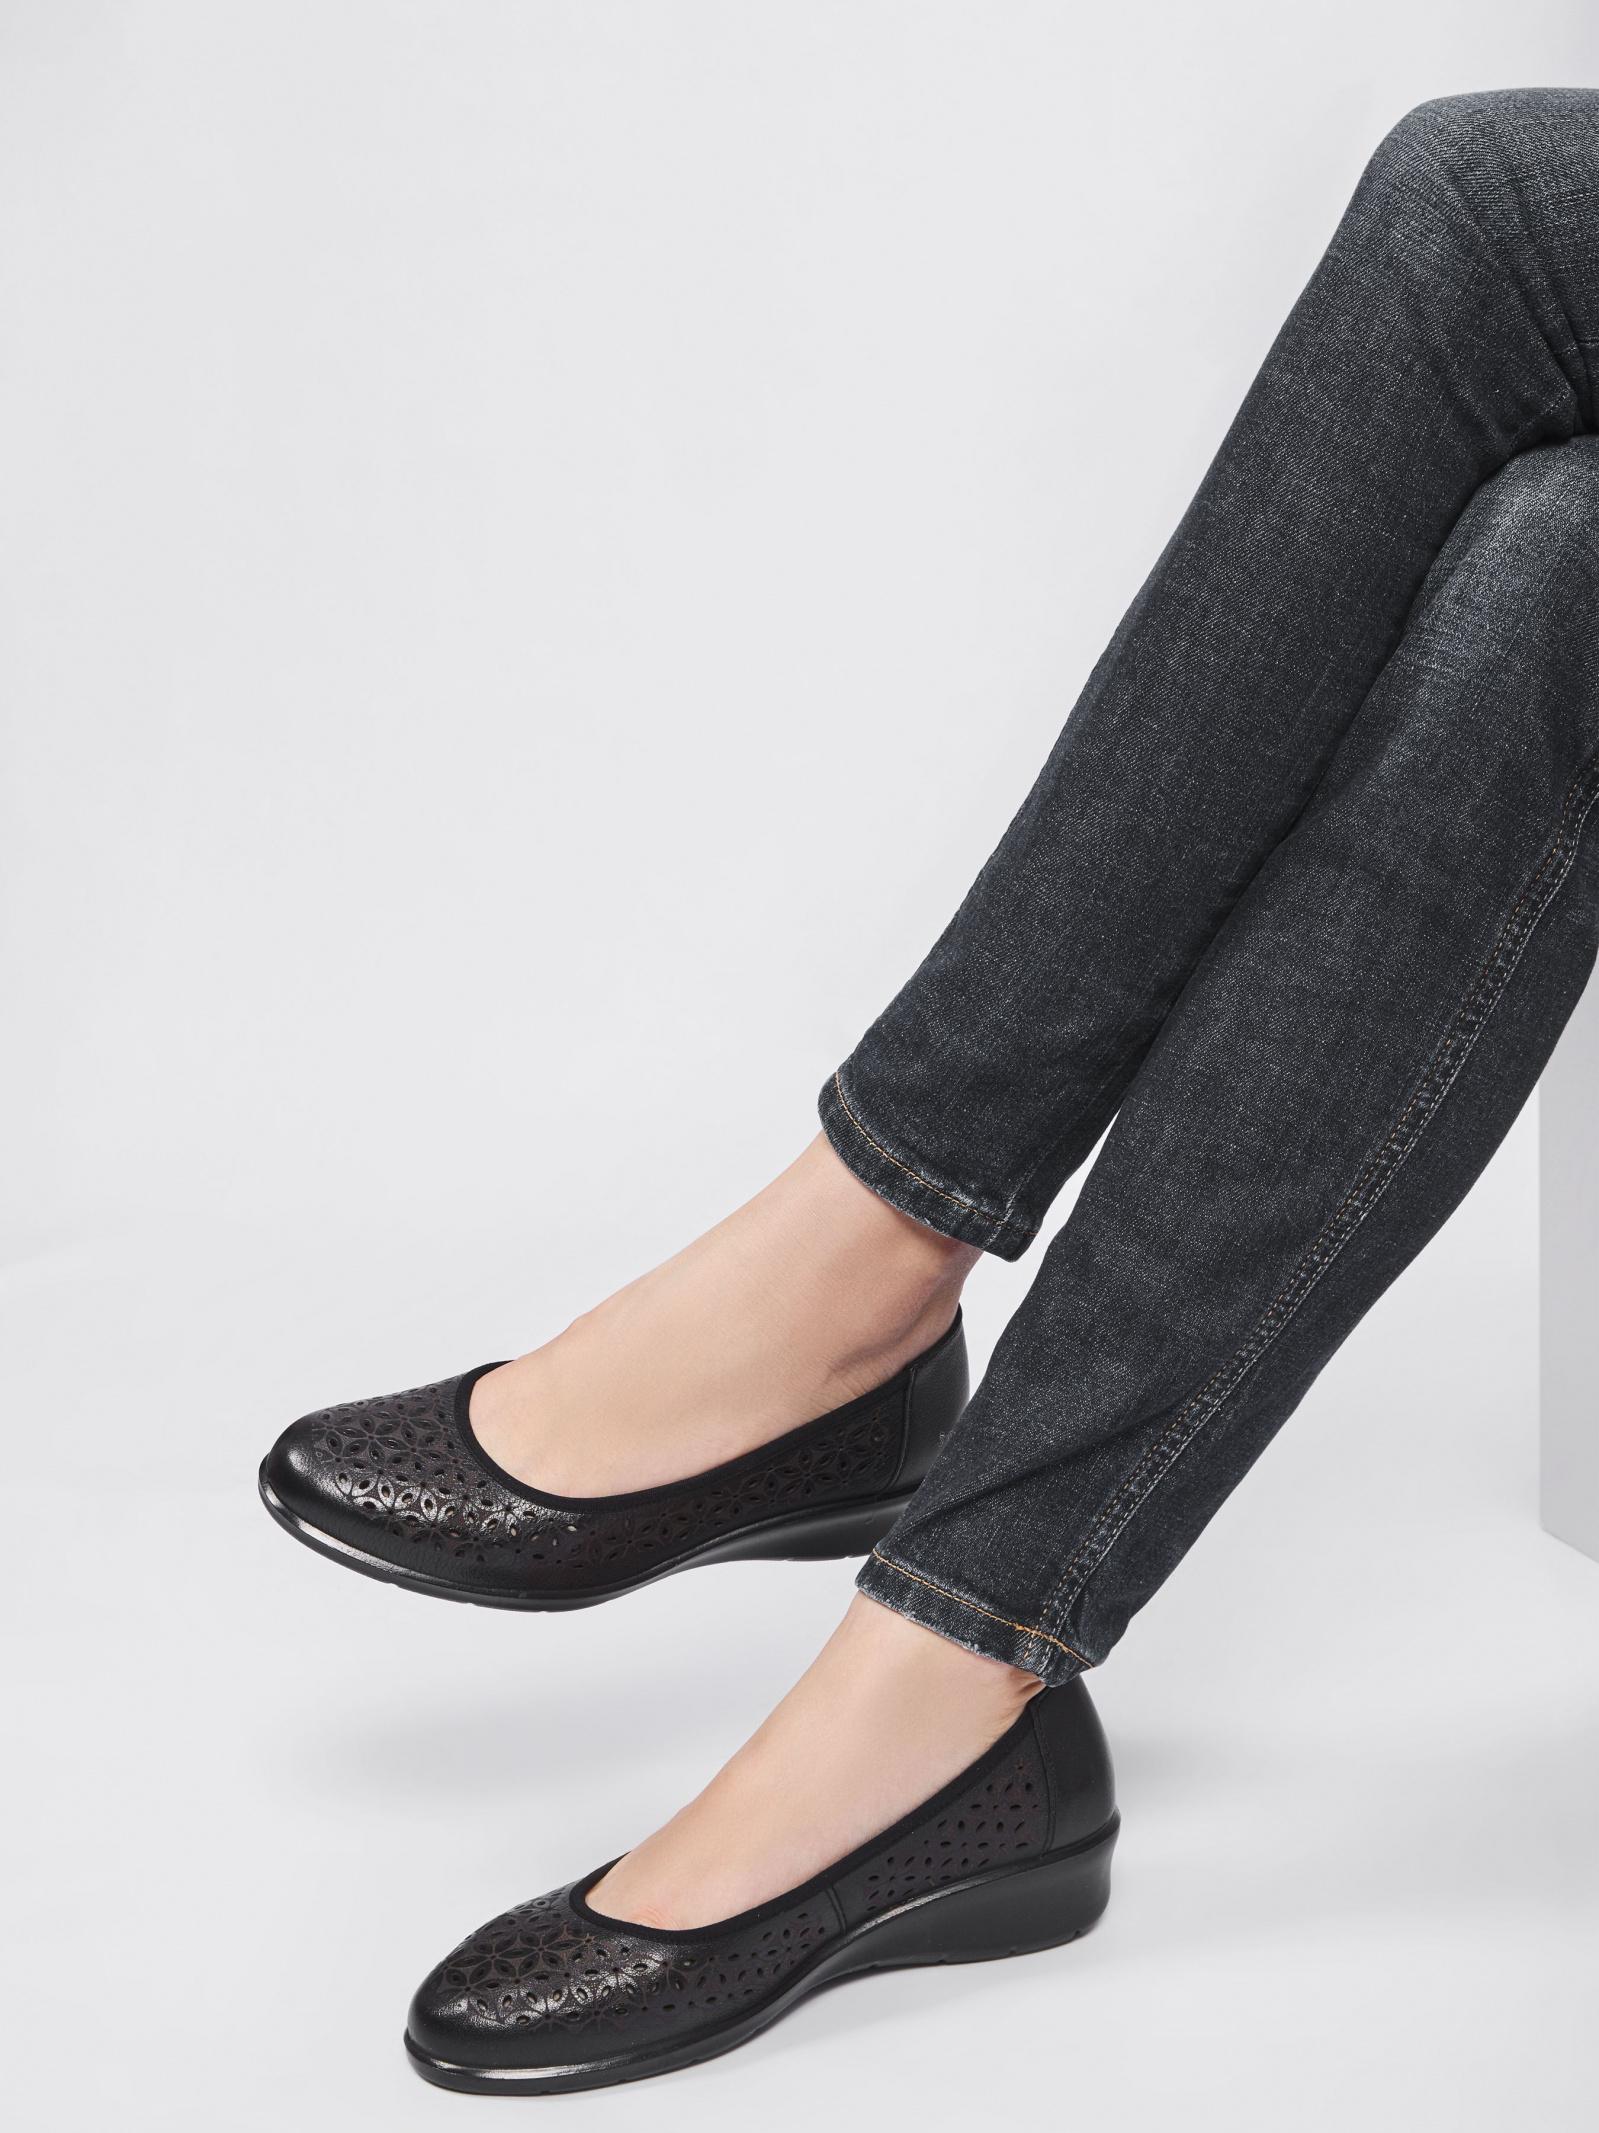 Балетки  для жінок Gunter 212-1876/101 розміри взуття, 2017